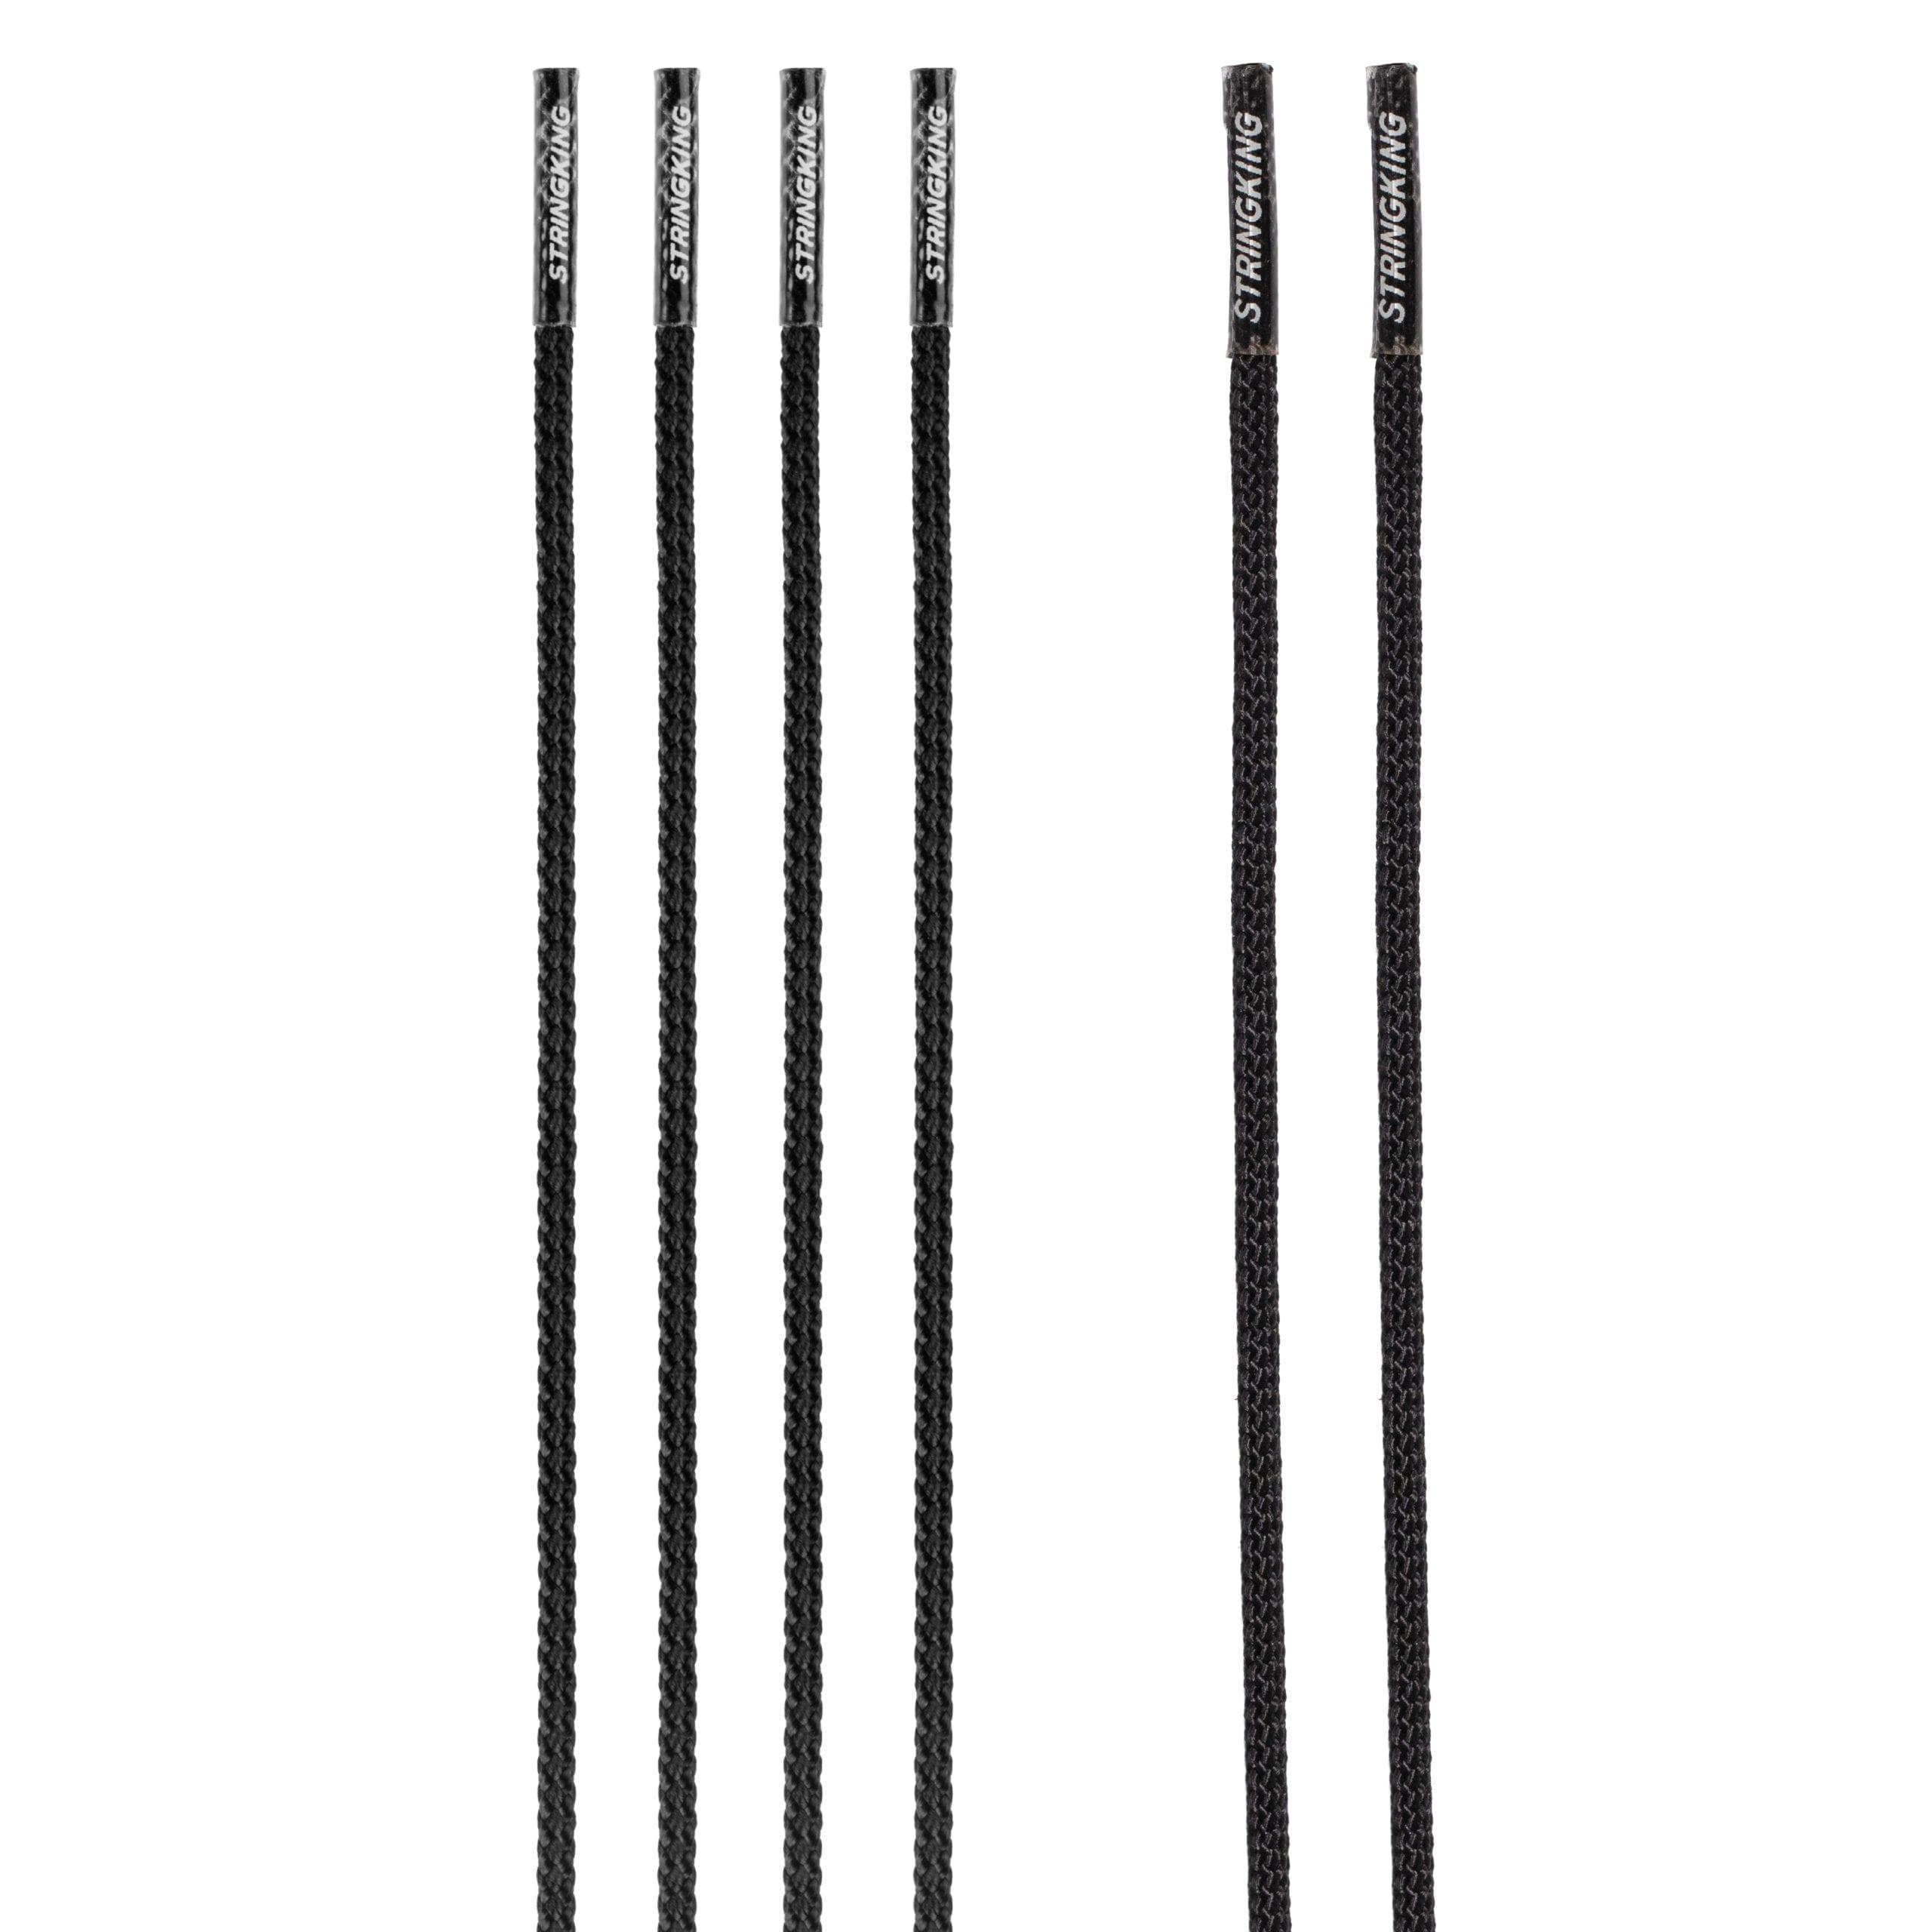 StringKing-Womens-String-Kit-Black-scaled-1.jpg